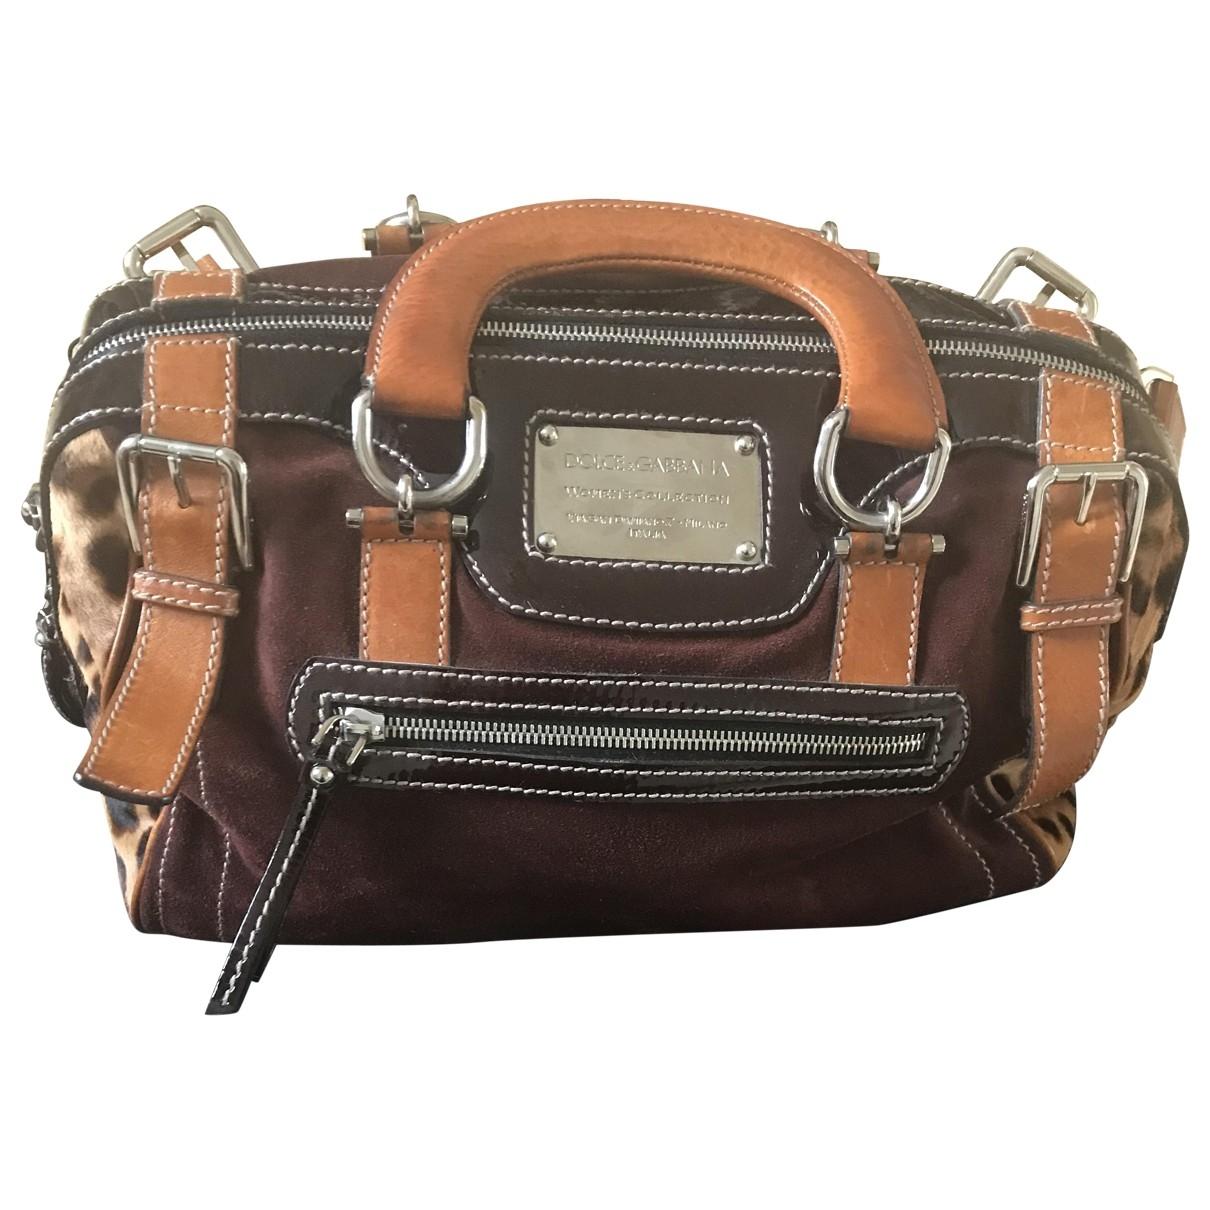 Dolce & Gabbana \N Handtasche in  Bunt Leder